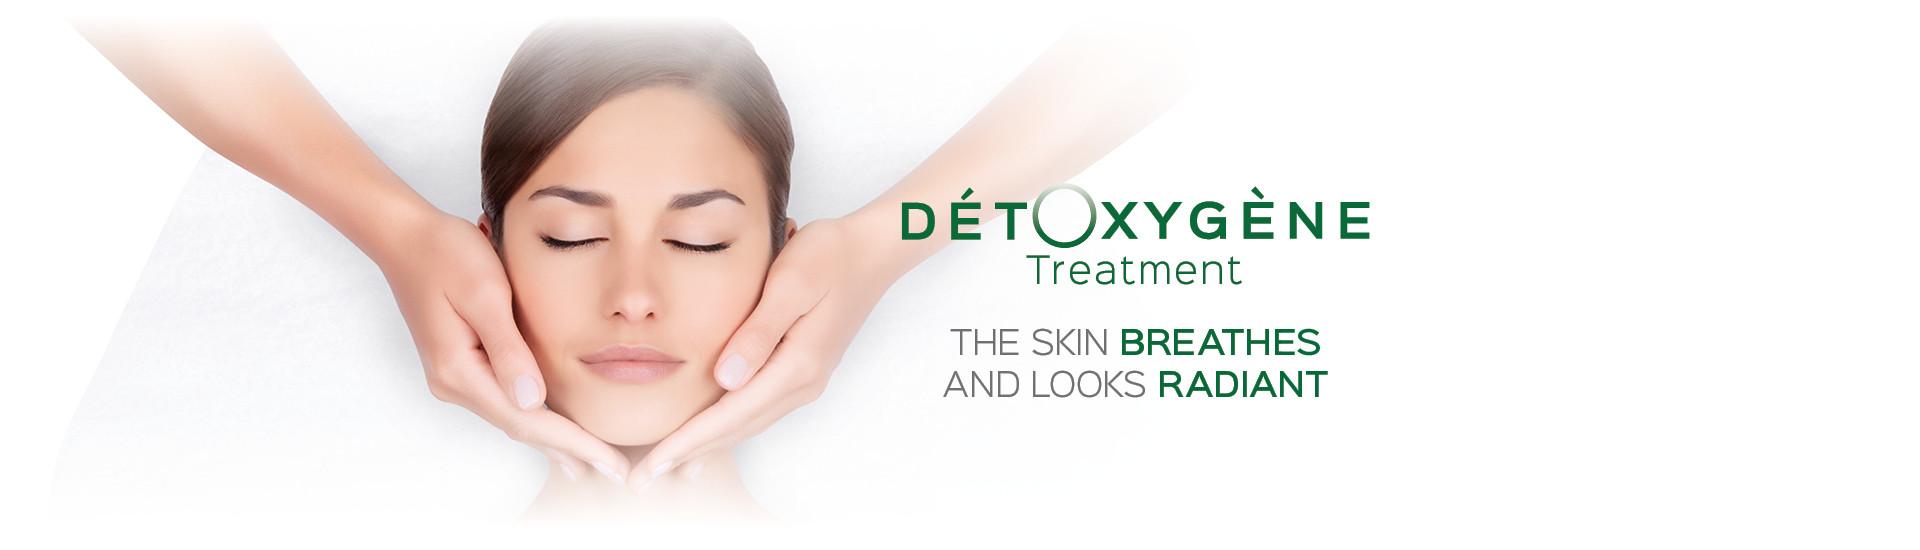 Detoxygene Treatment